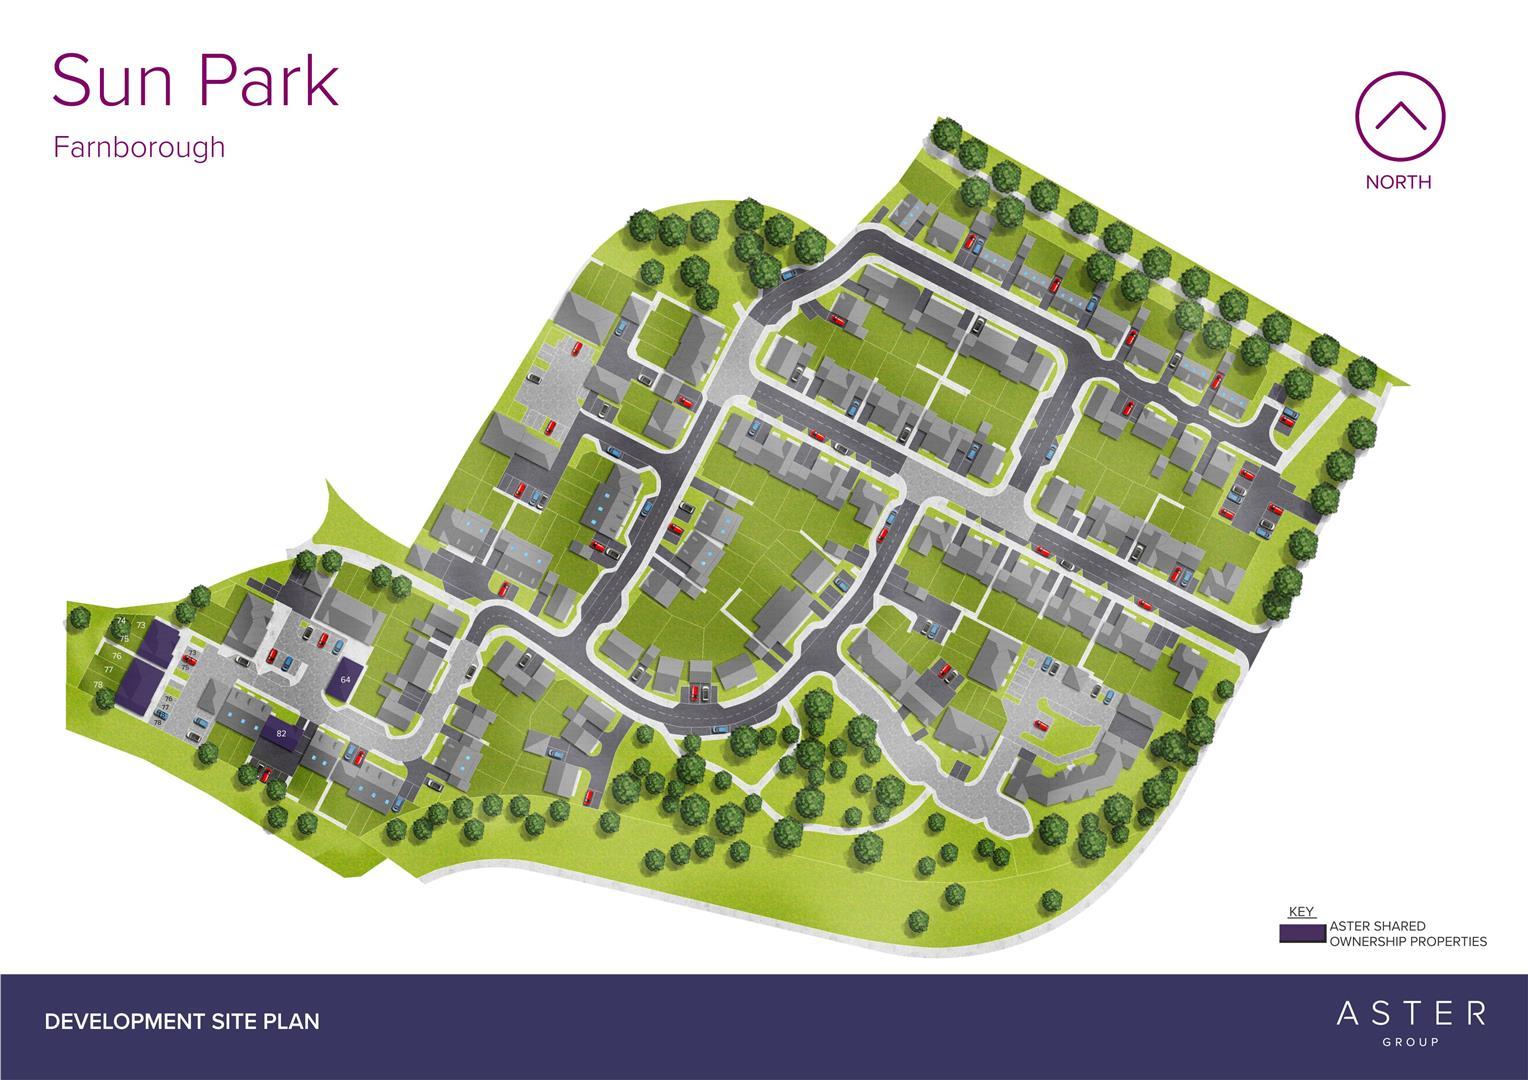 20509A-Sun Park_square_CHOSEN.jpg